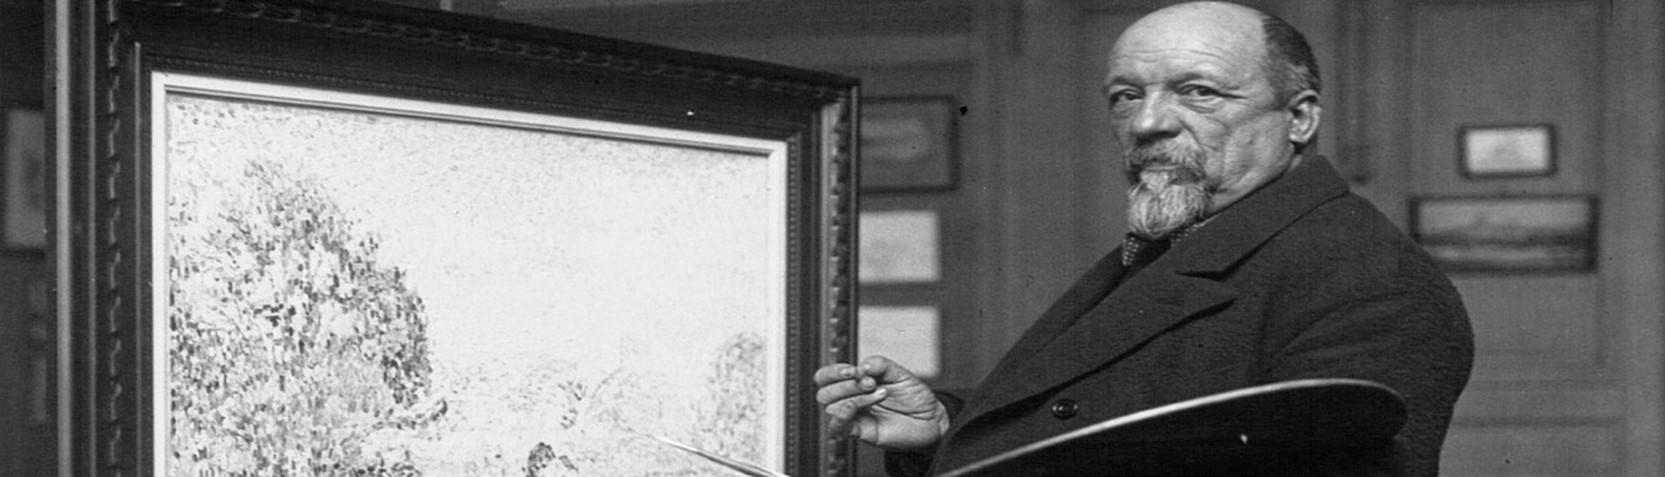 Artisti - Paul Signac